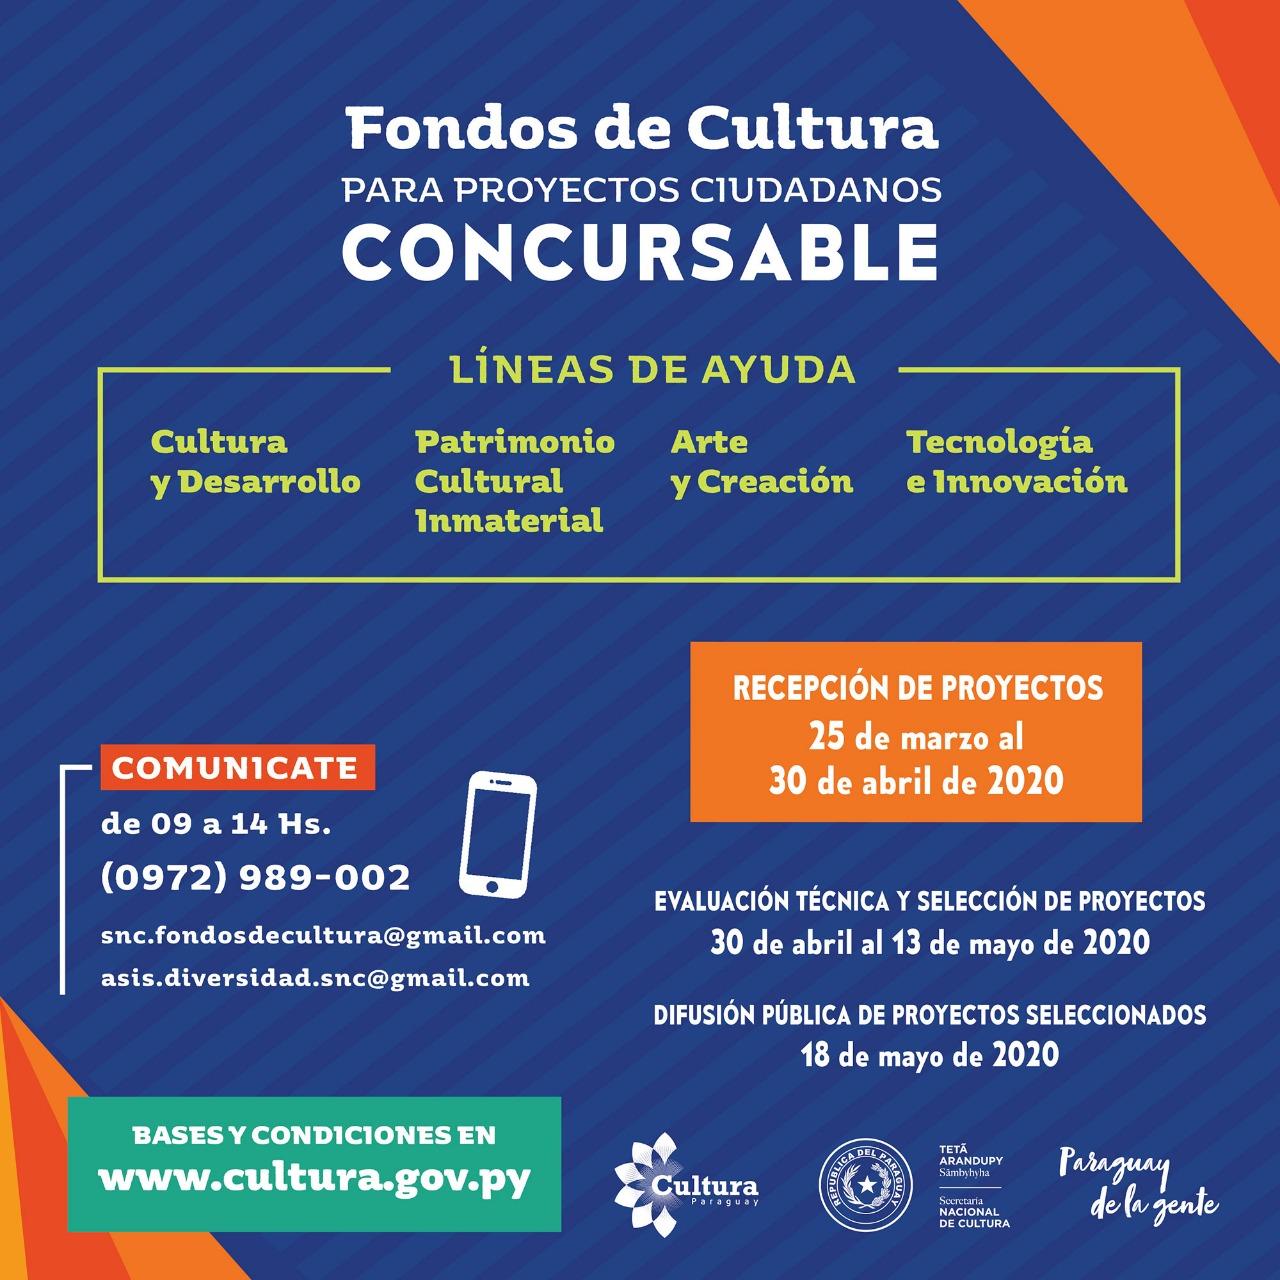 Cultura habilita concurso para financiar proyectos ciudadanos imagen